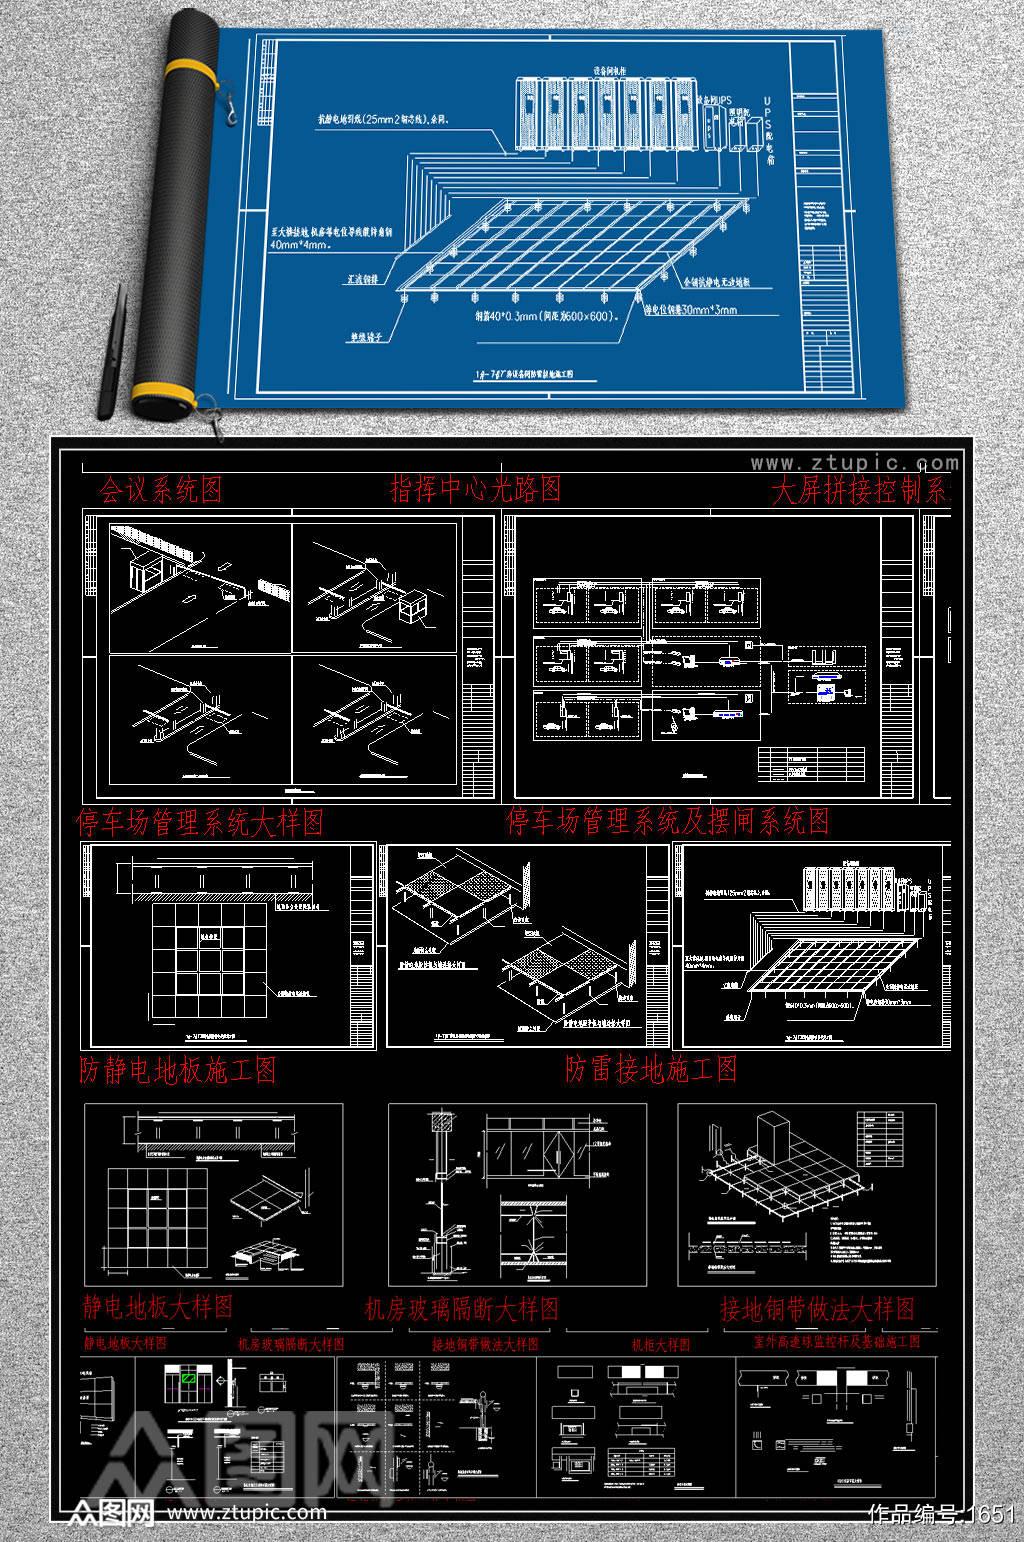 原创精品机房工程系统电气CAD图库素材